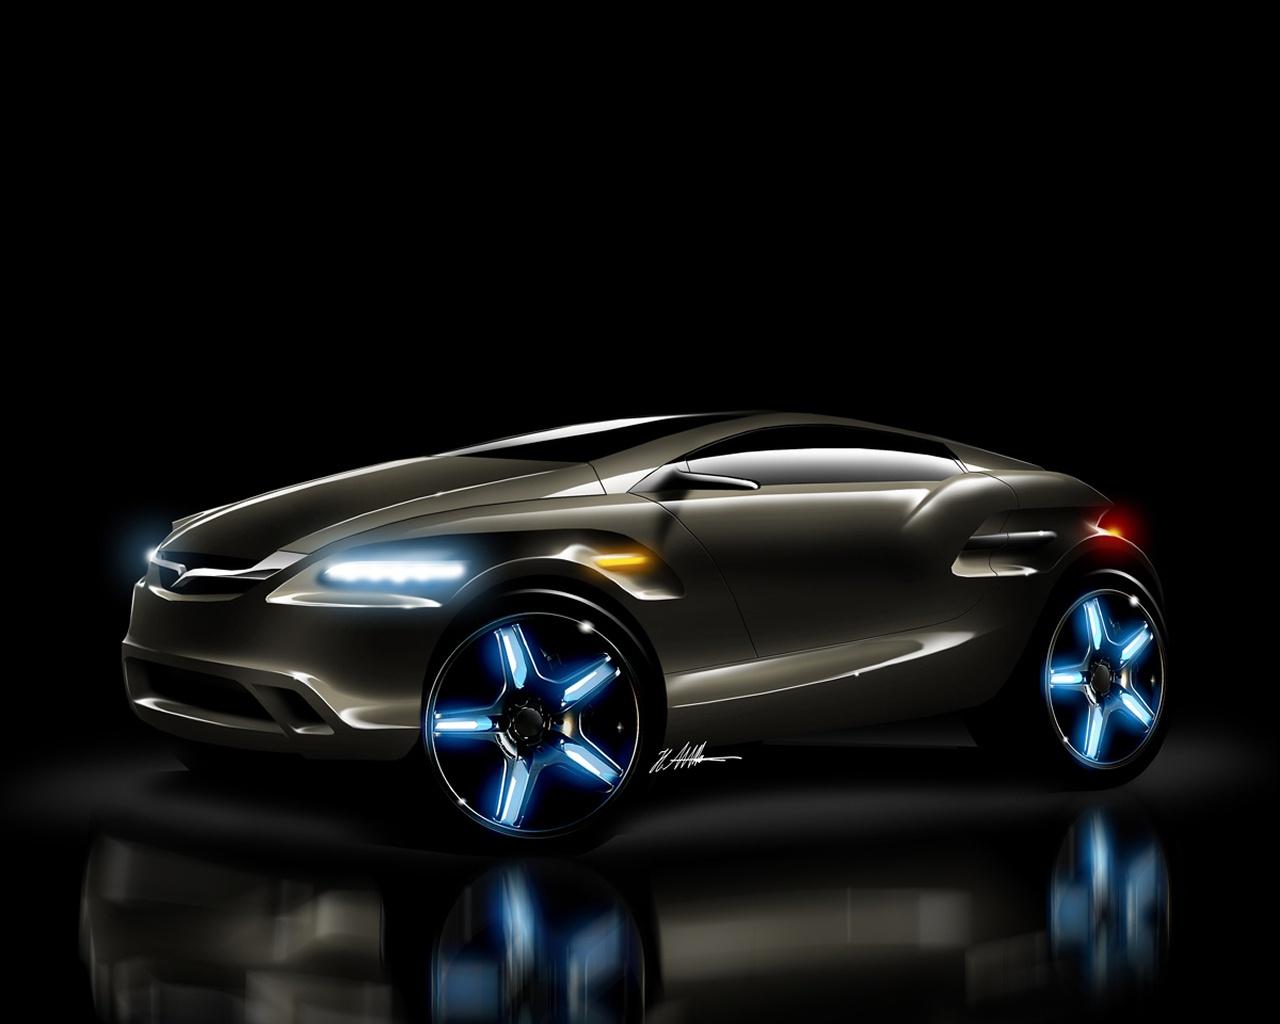 super cars concept car hd desktop 155620 wallpaper wallpaper